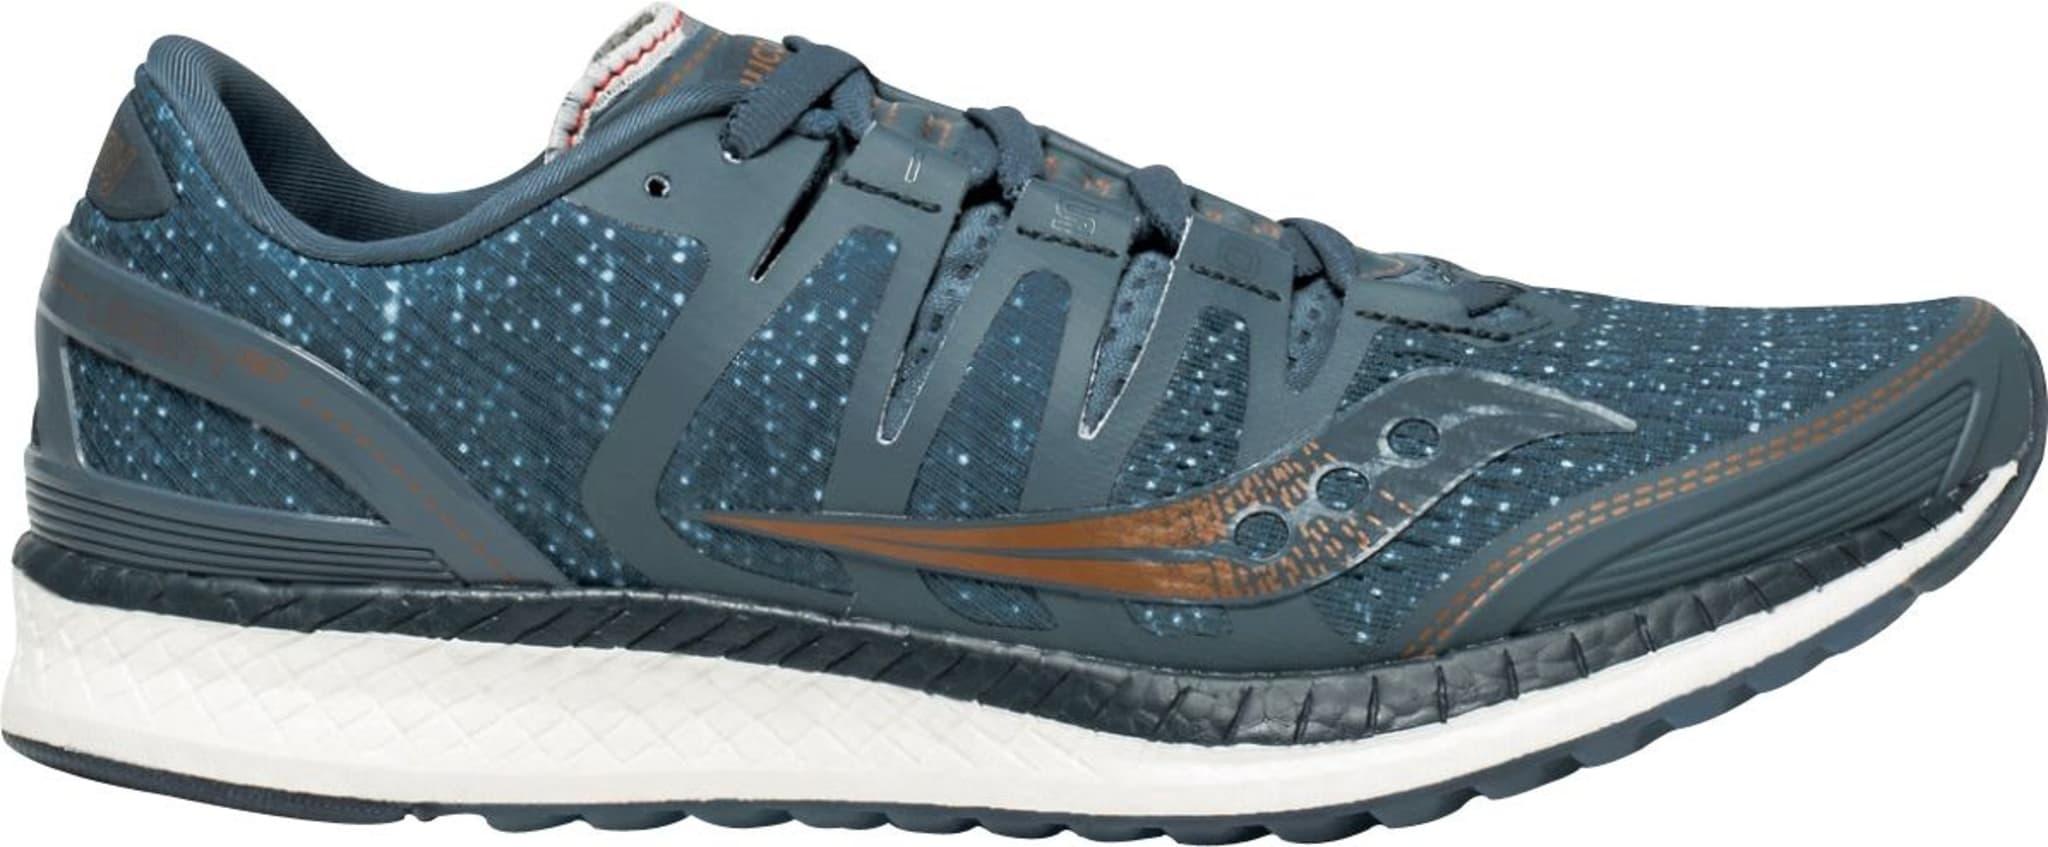 Stabil sko med god og myk demping